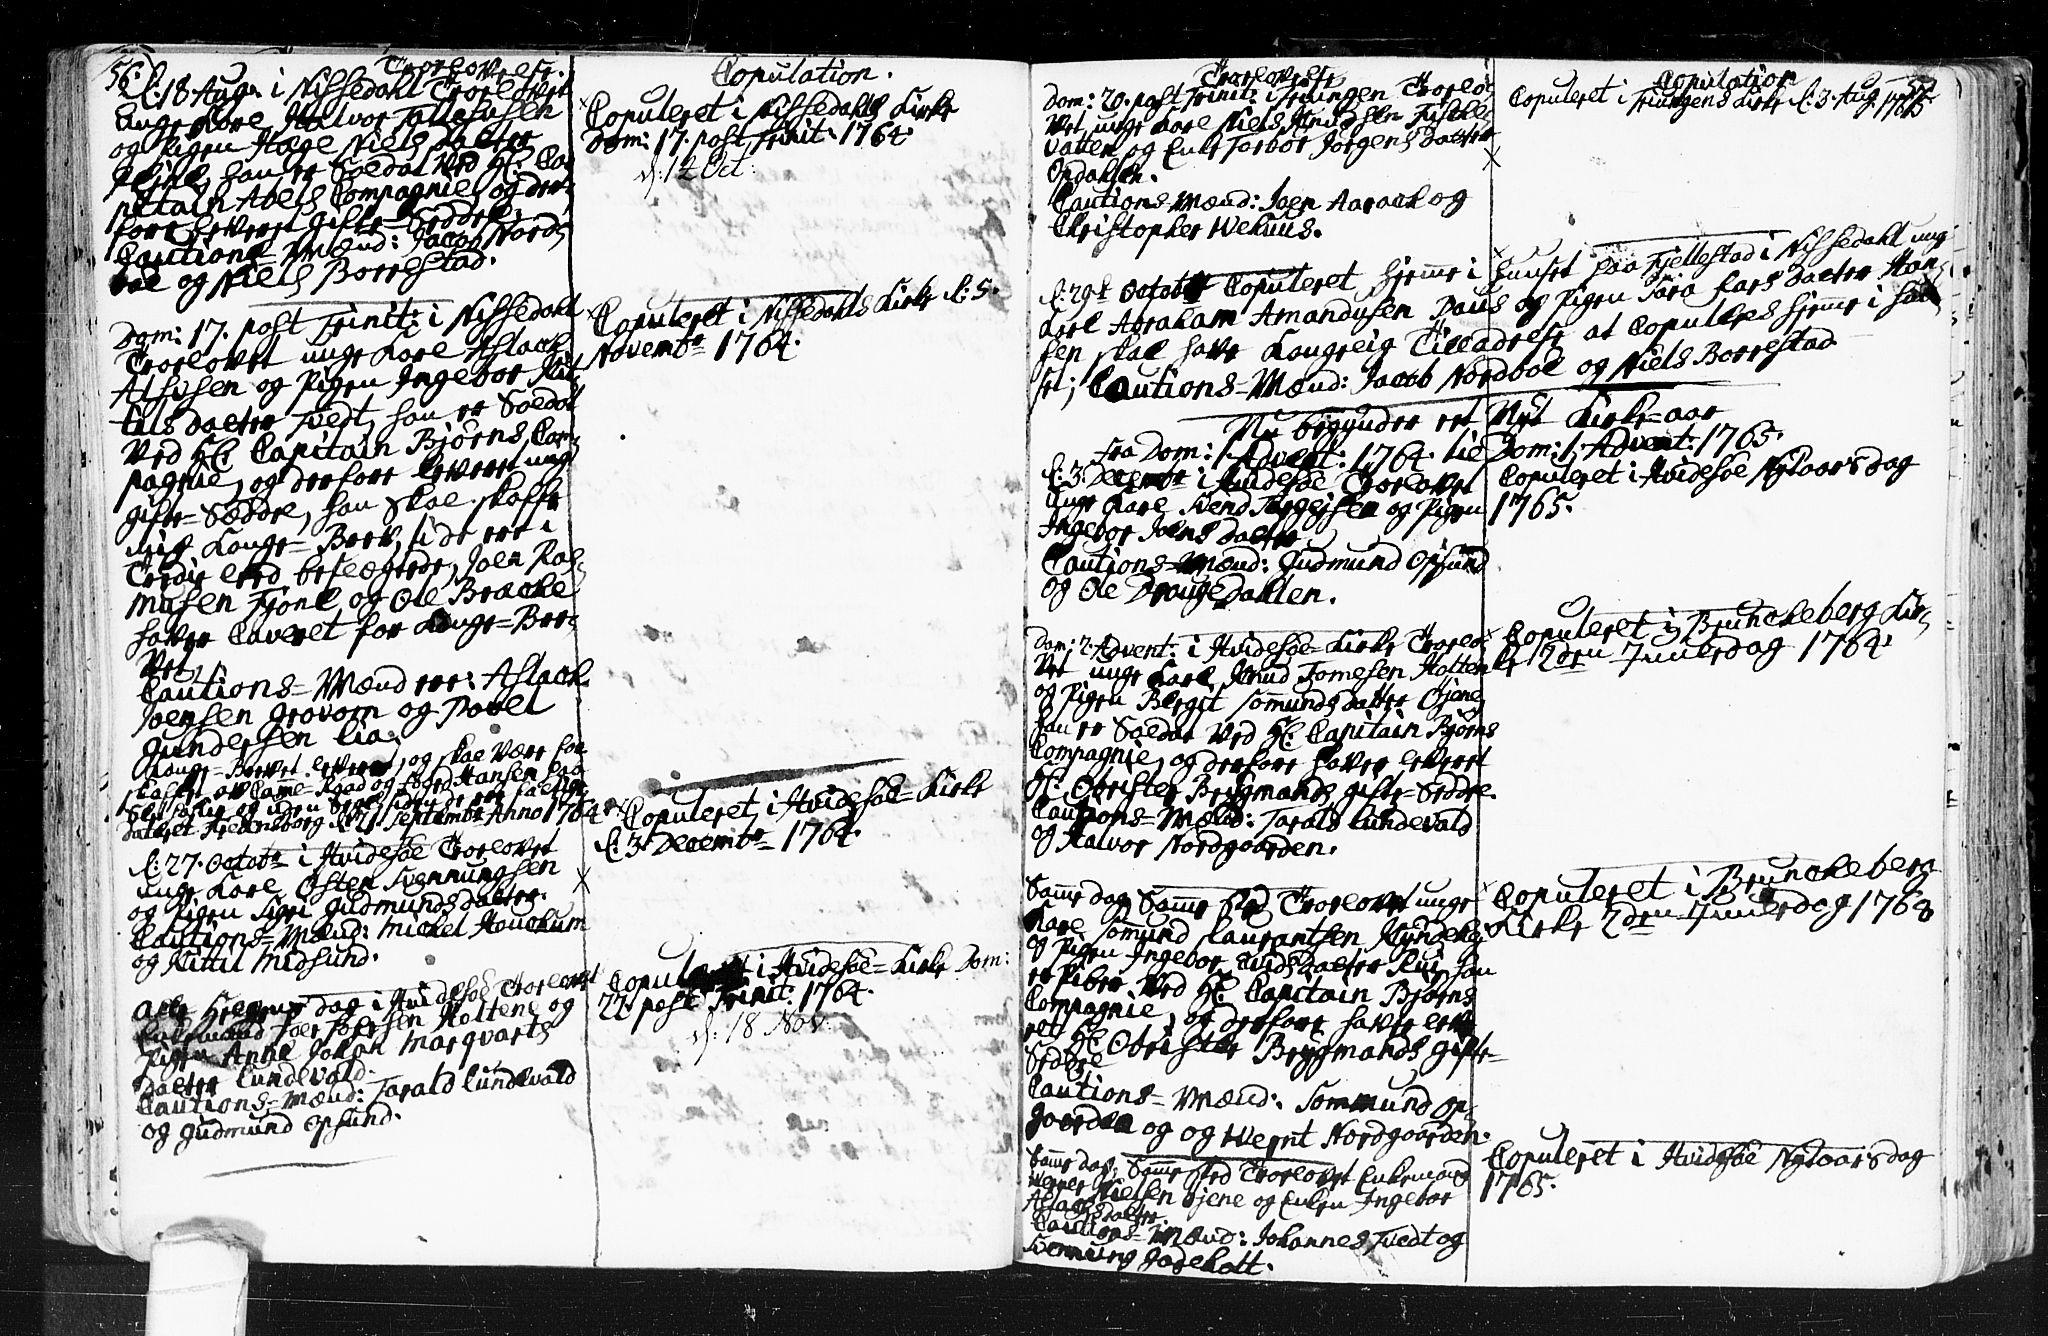 SAKO, Kviteseid kirkebøker, F/Fa/L0001: Ministerialbok nr. I 1, 1754-1773, s. 56-57